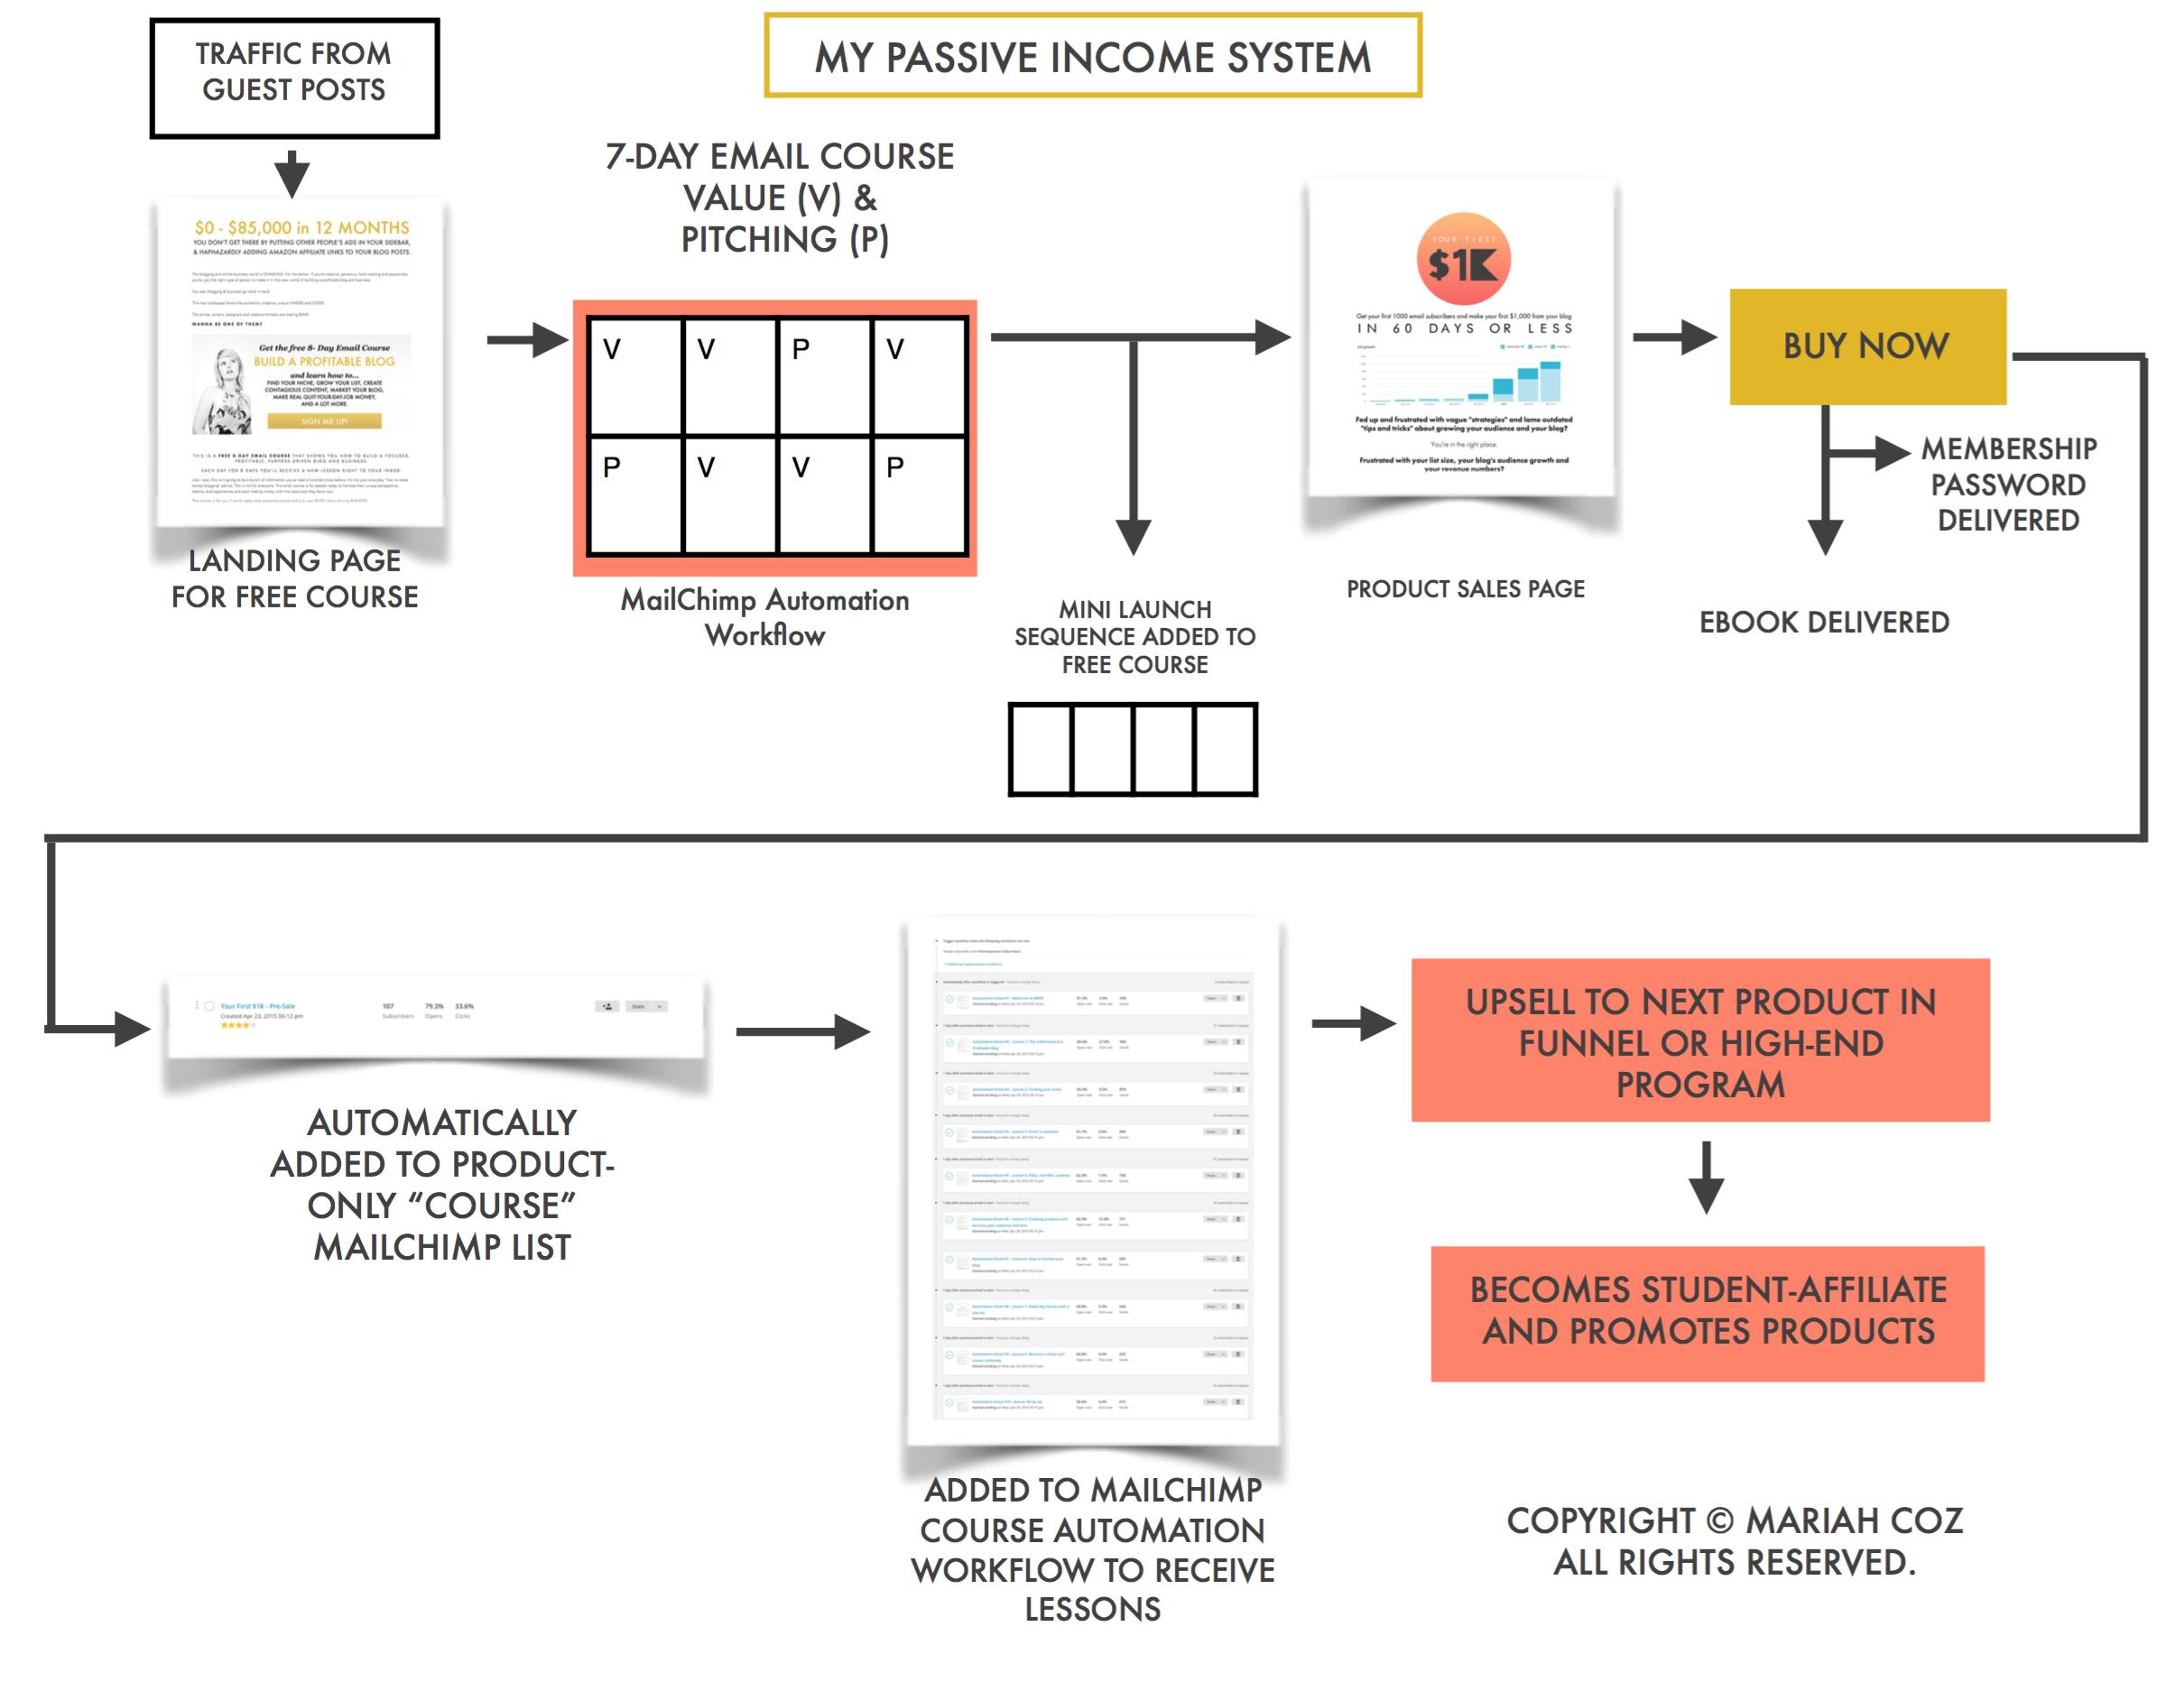 passive income system